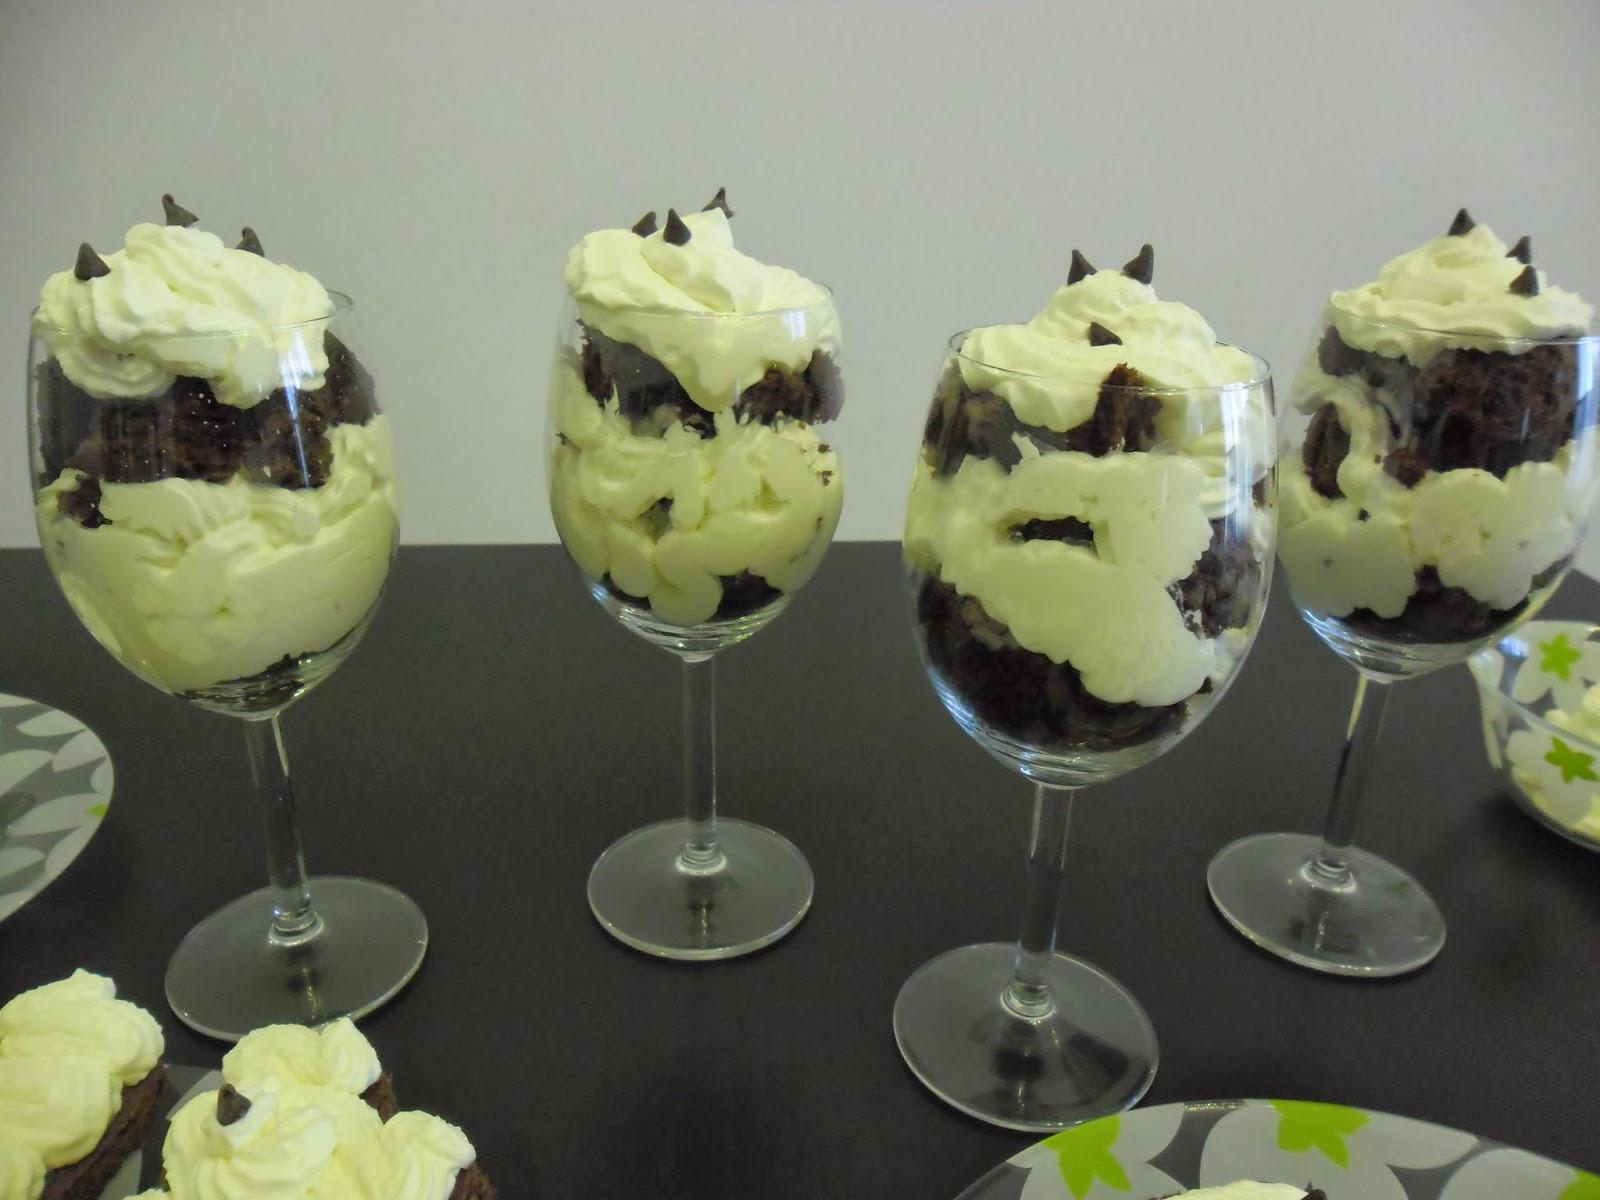 Un dessert rapide et facile a r aliser gateaux d 39 aline - Dessert rigolo et facile ...